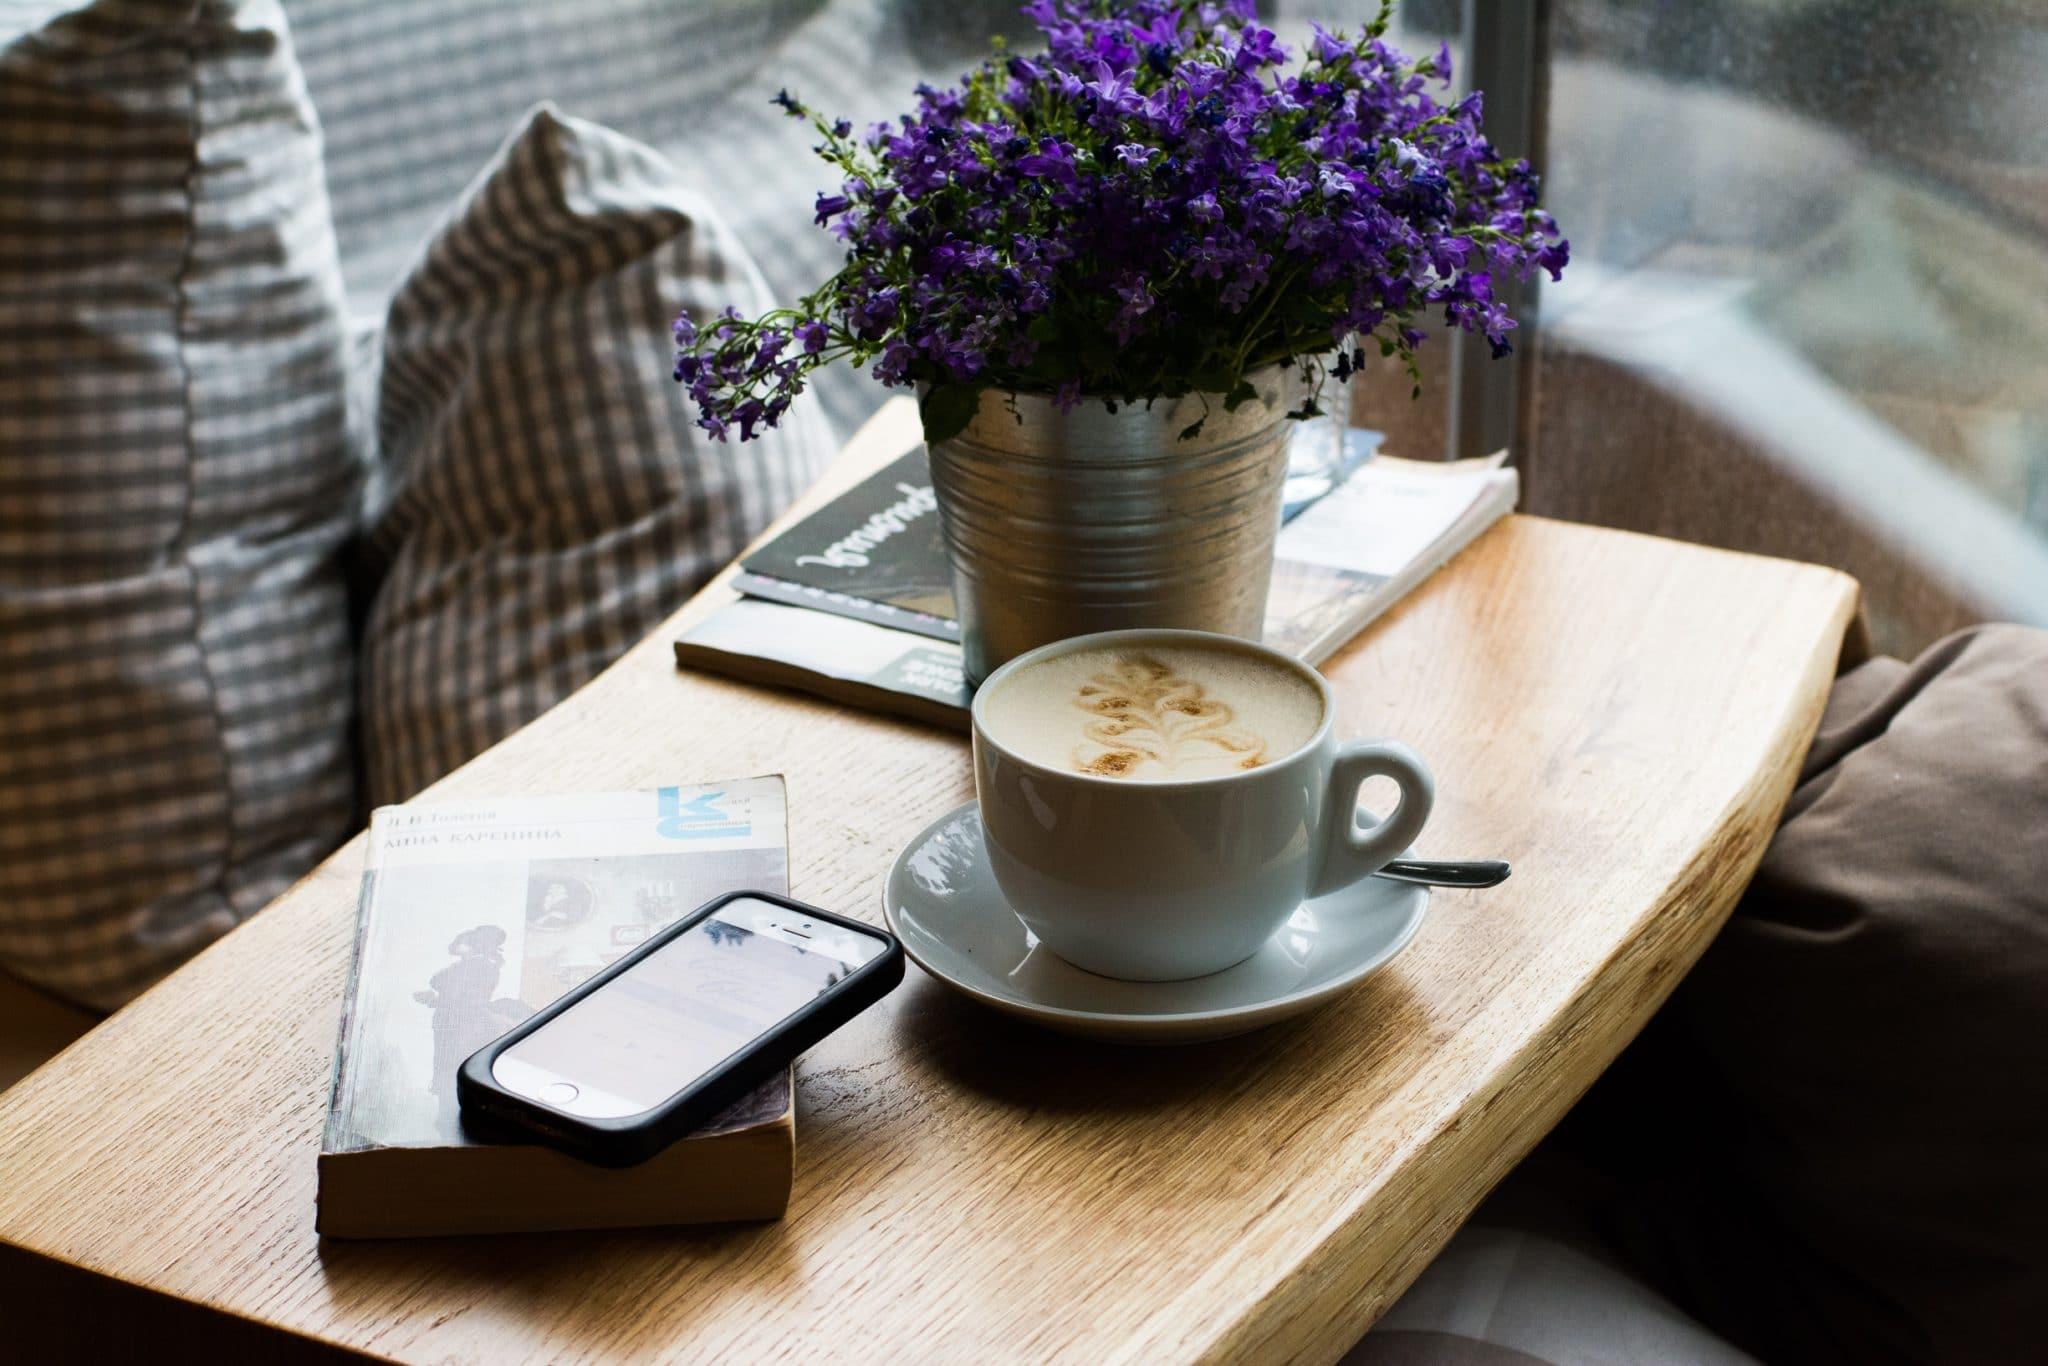 madeirado - móvel de madeira maciça com uma xícara e um celular em cima